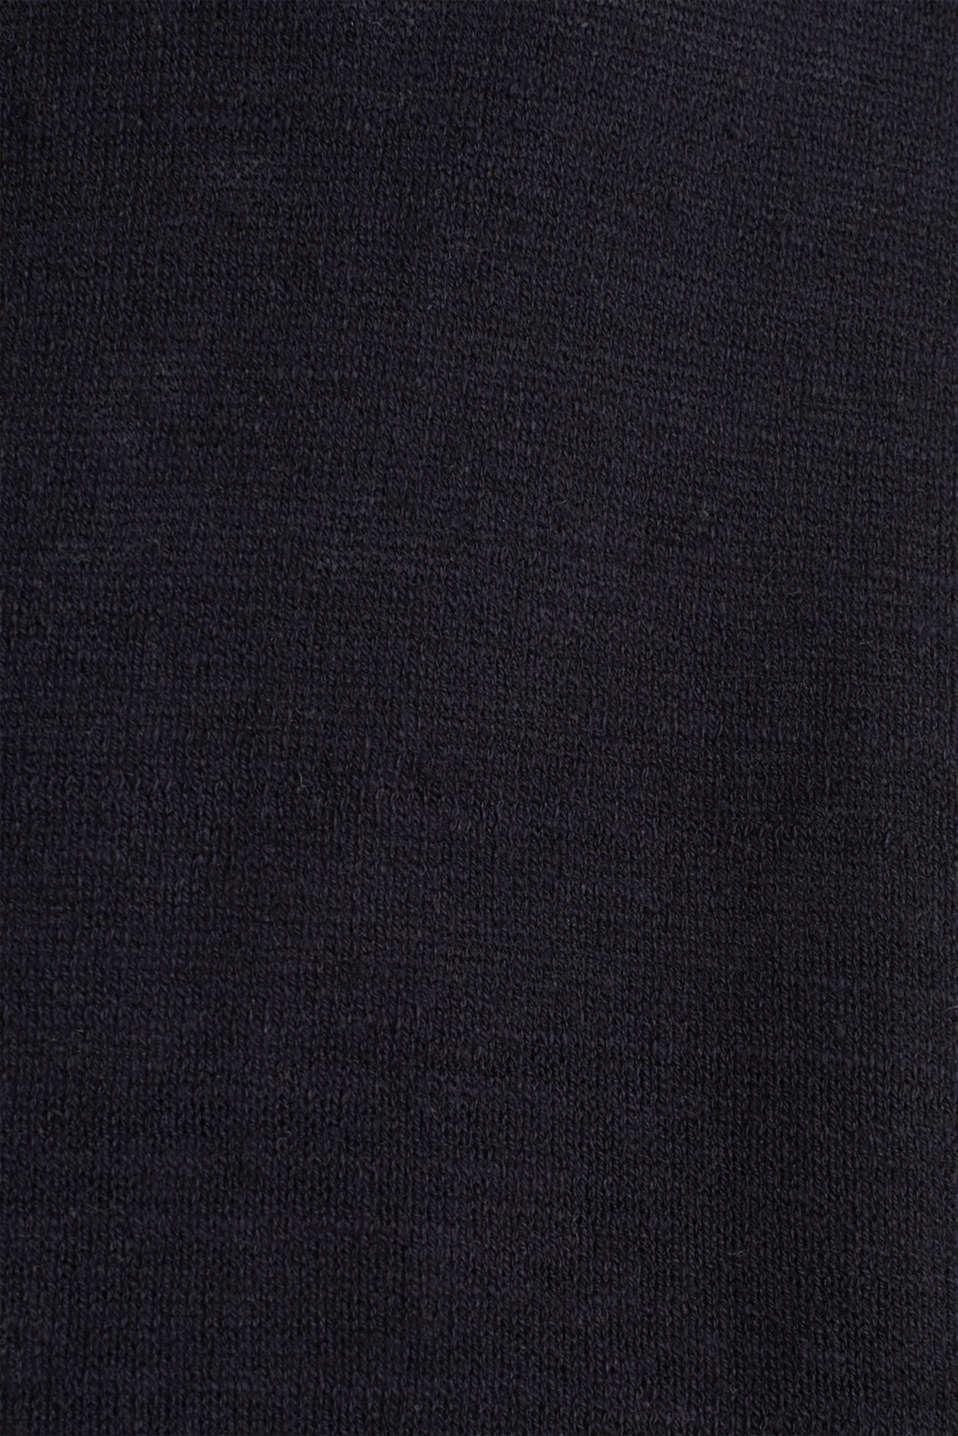 Blended linen: V-neck cardigan, BLACK, detail image number 4